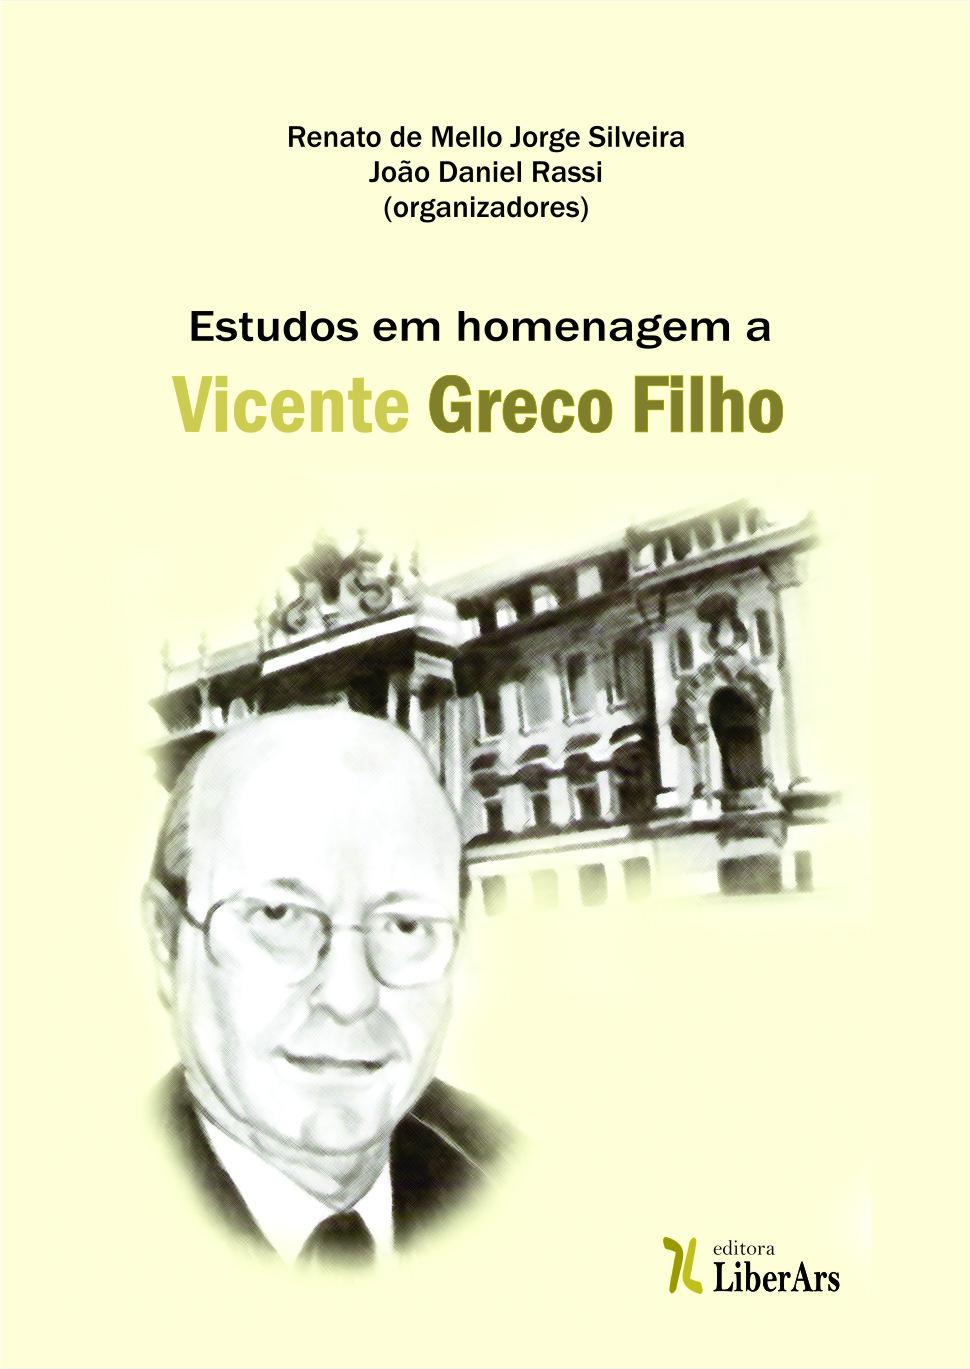 Estudos em homenagem a Vicente Greco Filho, livro de João Daniel Rassi, Renato de Mello Jorge Silveira (orgs.)